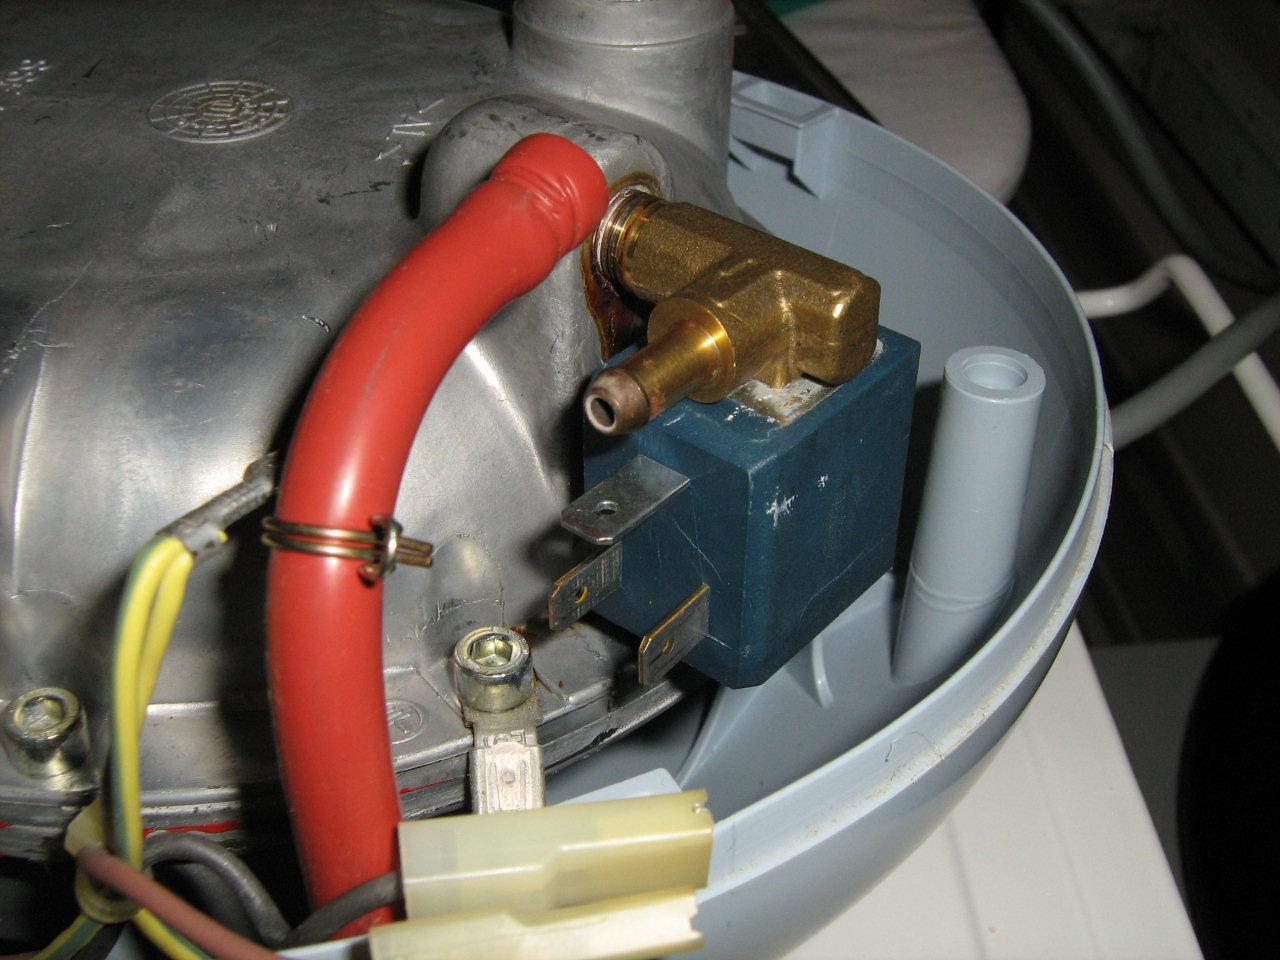 Sostituire elettrovalvola ferro da stiro a vapore - Smontare maniglia finestra senza viti ...